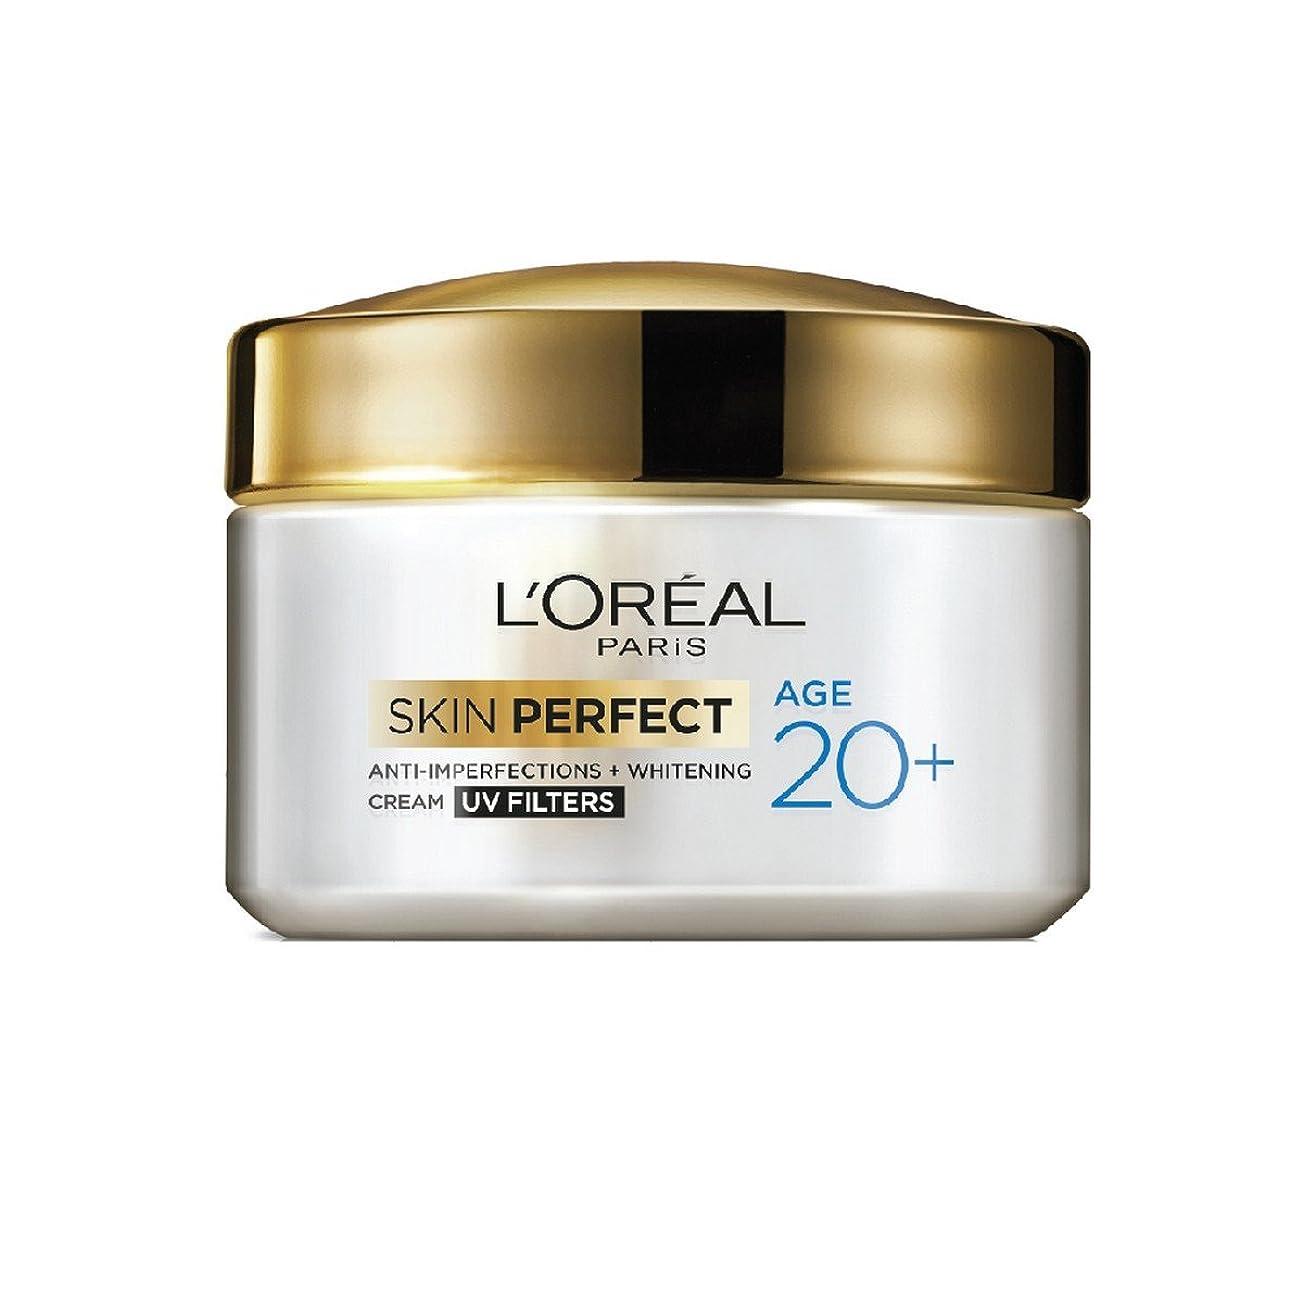 良心的ナインへ死にかけているL'Oreal Paris Skin Perfect 20+ Anti-Imperfections + Whitening Cream, 50g